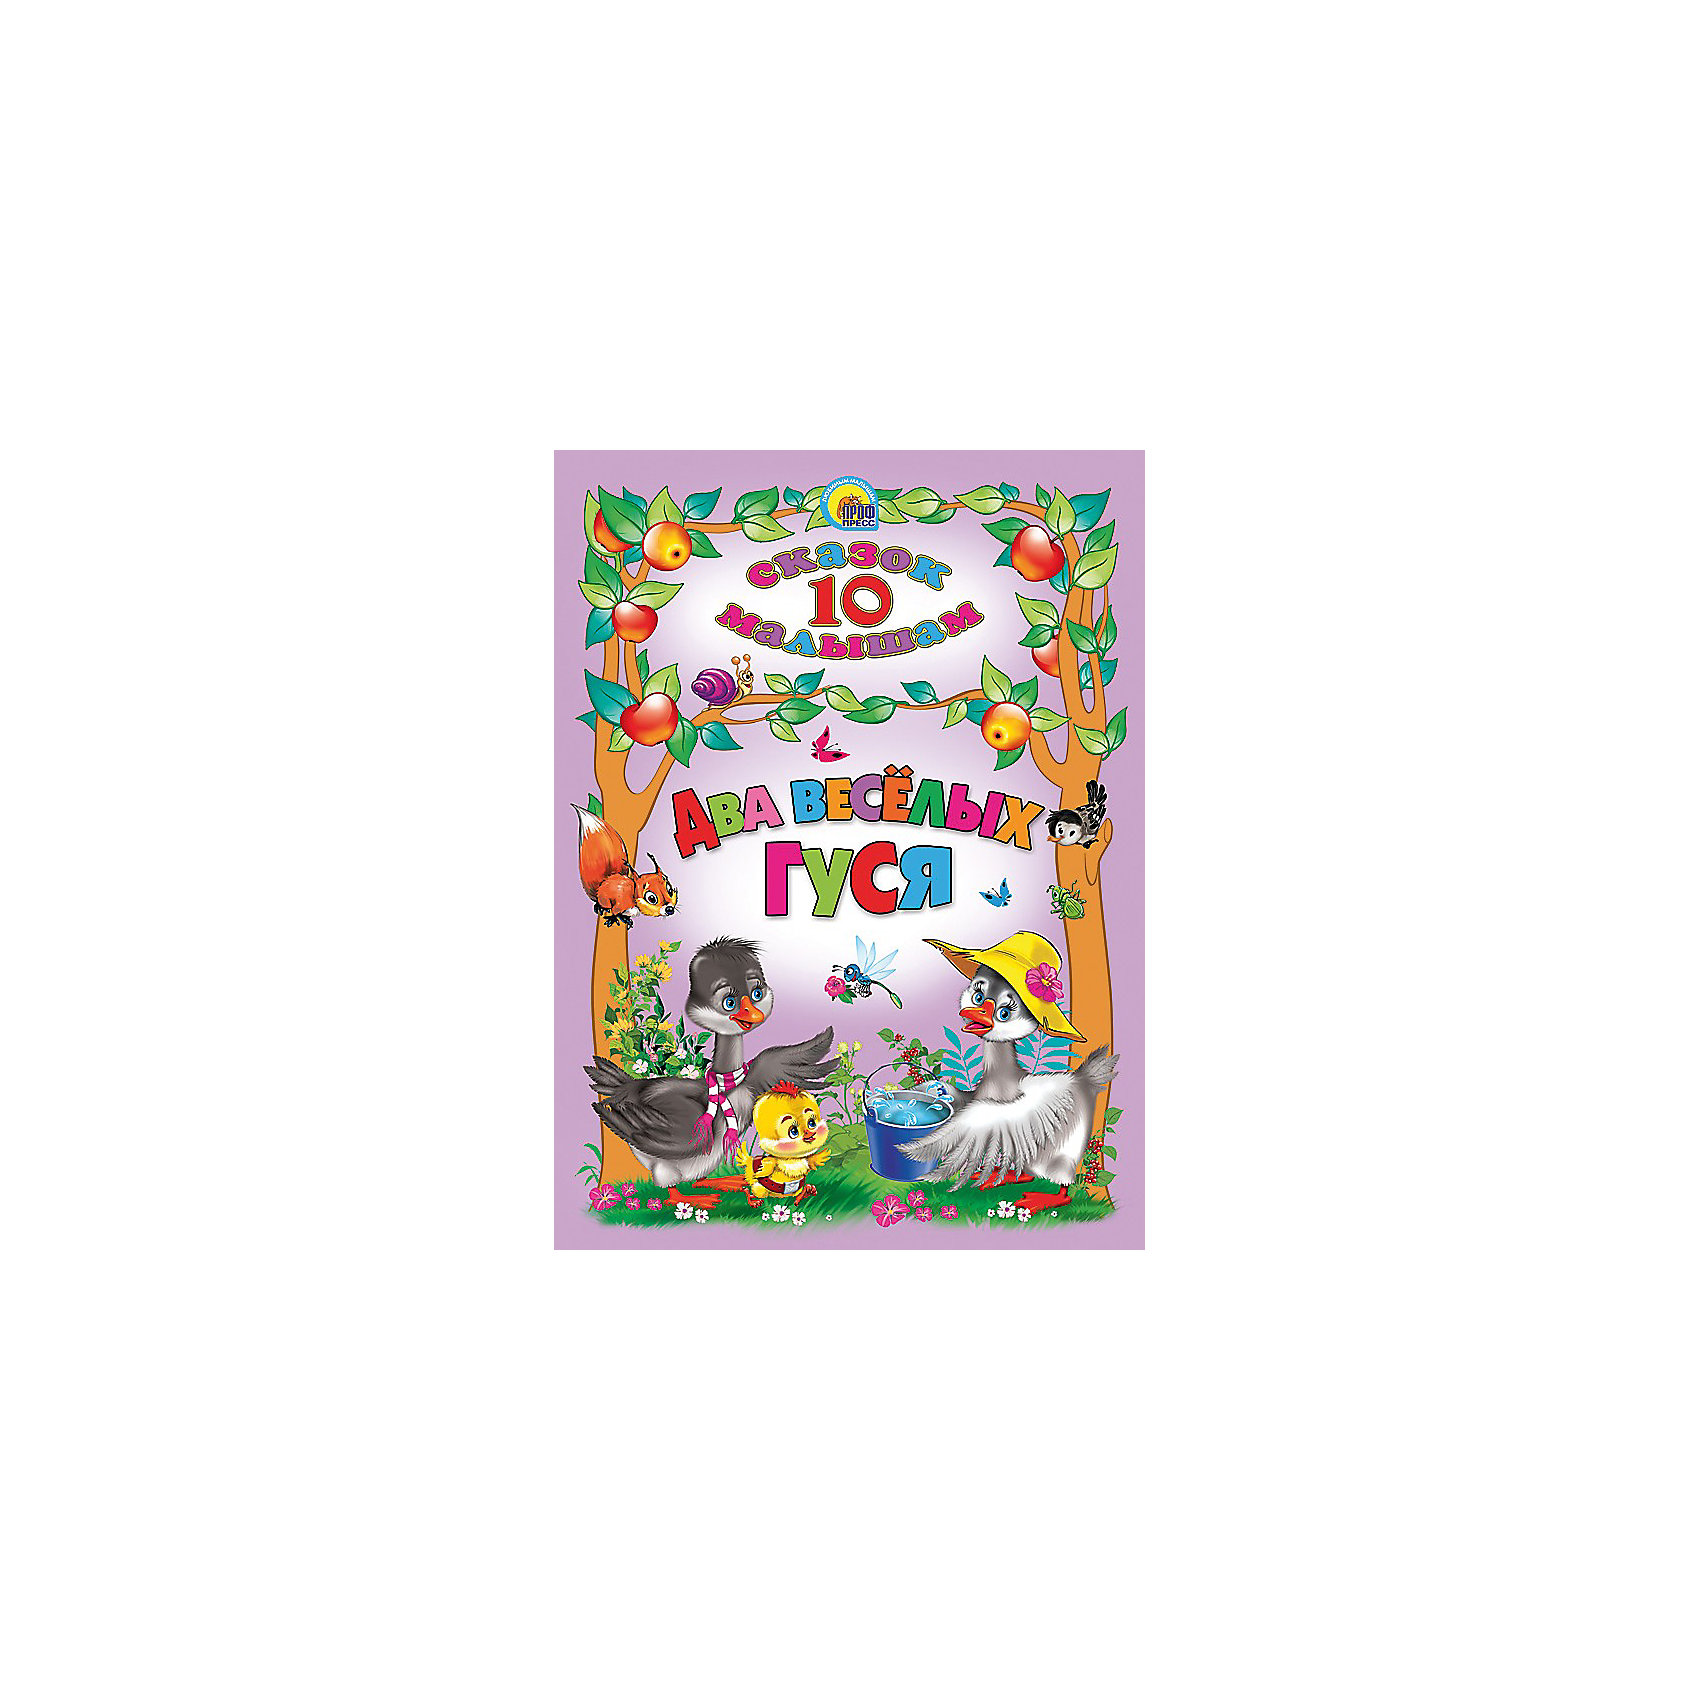 Сборник 10 сказок малышам Два веселых гусяРусские сказки<br>Любимые сказки собраны в серии книг 10 сказок. Замечательные иллюстрации не оставят равнодушными не только детей, но и их родителей.Ваш малыш не только с удовольствием познакомится с содержанием известных сказок, но и получит первые уроки доброты, юмора и смекалки.<br><br>В книгу включены следующие сказки: Два веселых гуся, Идет коза рогатая..., -Гуси-гуси! -Га-га-га!, Ладушки-ладушки, Каравай-каравай..., Все звери у дела, Кисонька-мурысонька, Ложку первую за маму, Зайка беленький, Как у нашего Данила....<br><br>Материал: бумага офсетная, обложка твердая.<br>Книга содержит 128 стр.<br><br>Ширина мм: 162<br>Глубина мм: 15<br>Высота мм: 220<br>Вес г: 272<br>Возраст от месяцев: 24<br>Возраст до месяцев: 60<br>Пол: Унисекс<br>Возраст: Детский<br>SKU: 2499674